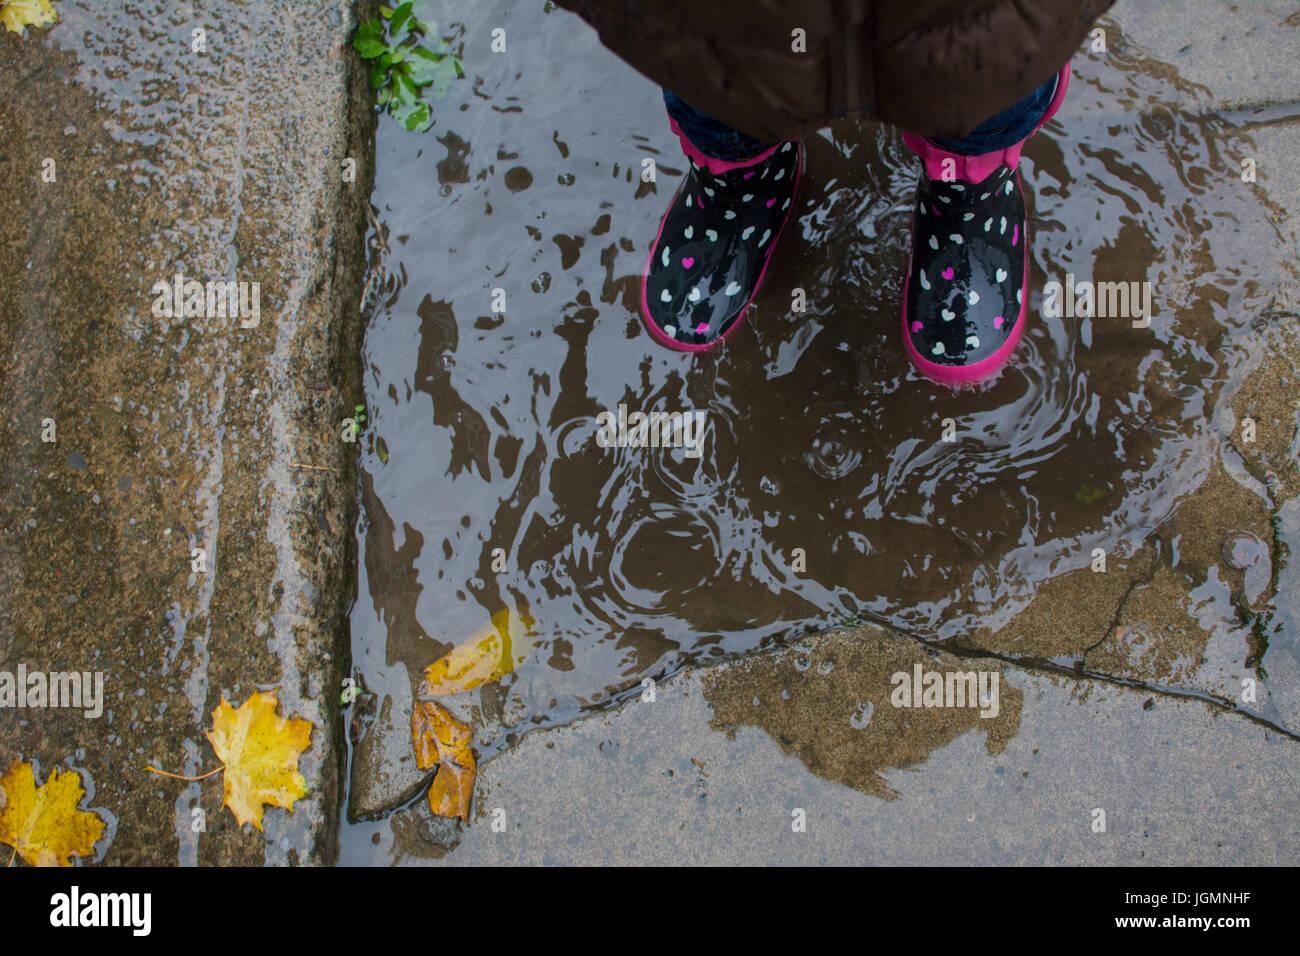 Un petit enfant se trouve dans des bottes de pluie dans une flaque d'eau en automne. Photo Stock